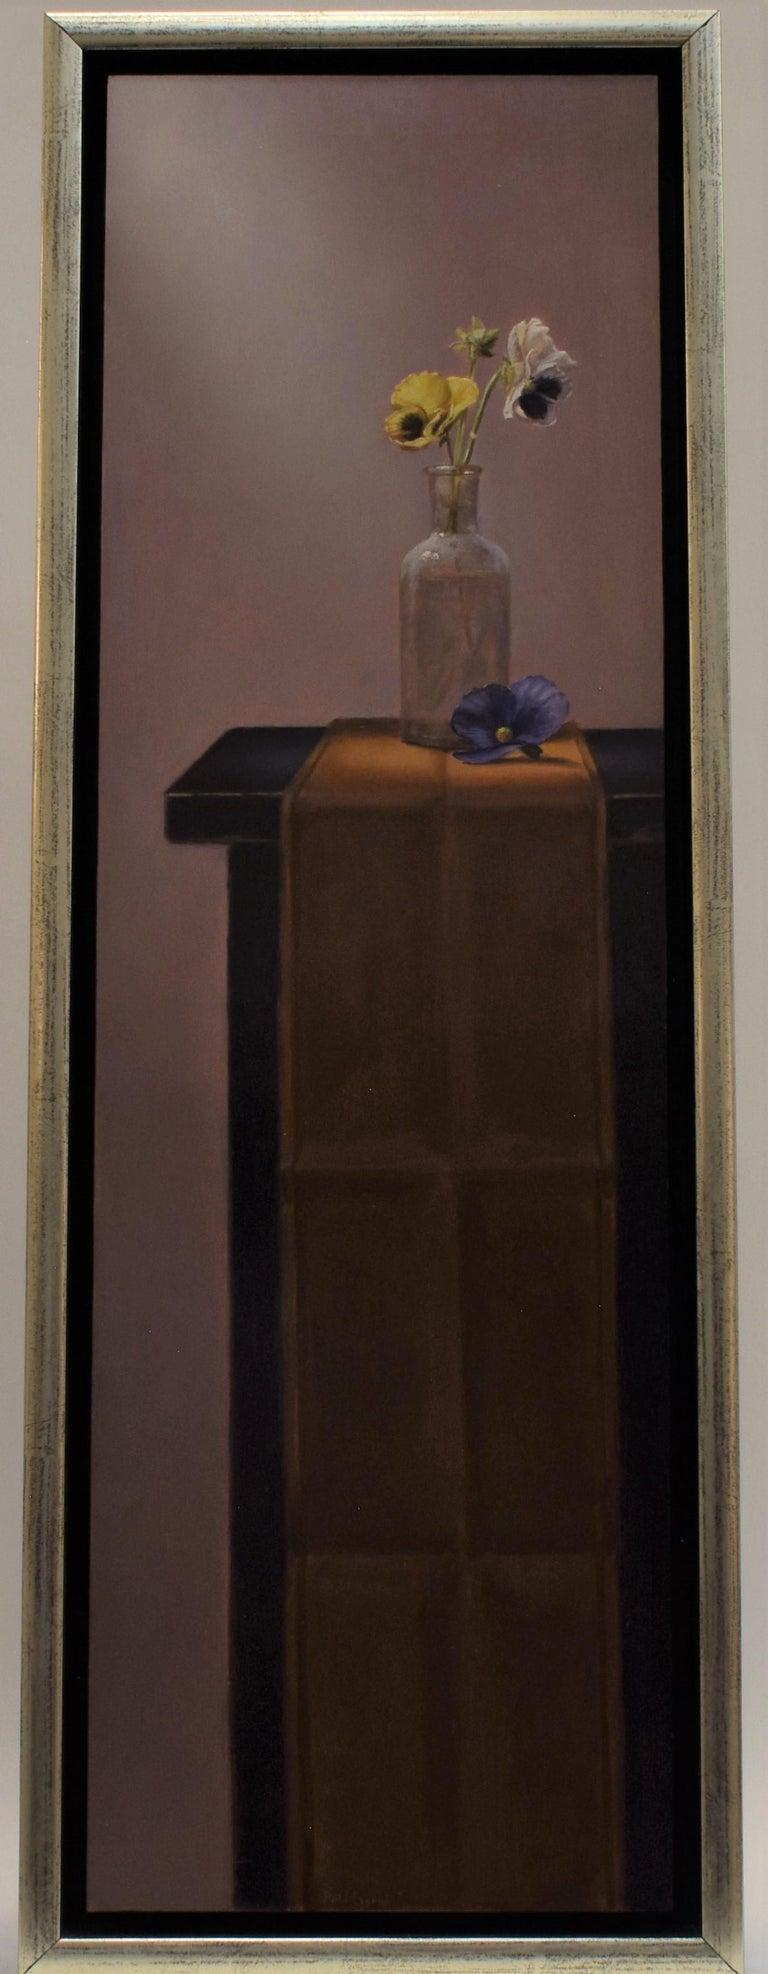 Violin (pendant) - Peter van den Borne - Realist Painting by Peter van den Borne